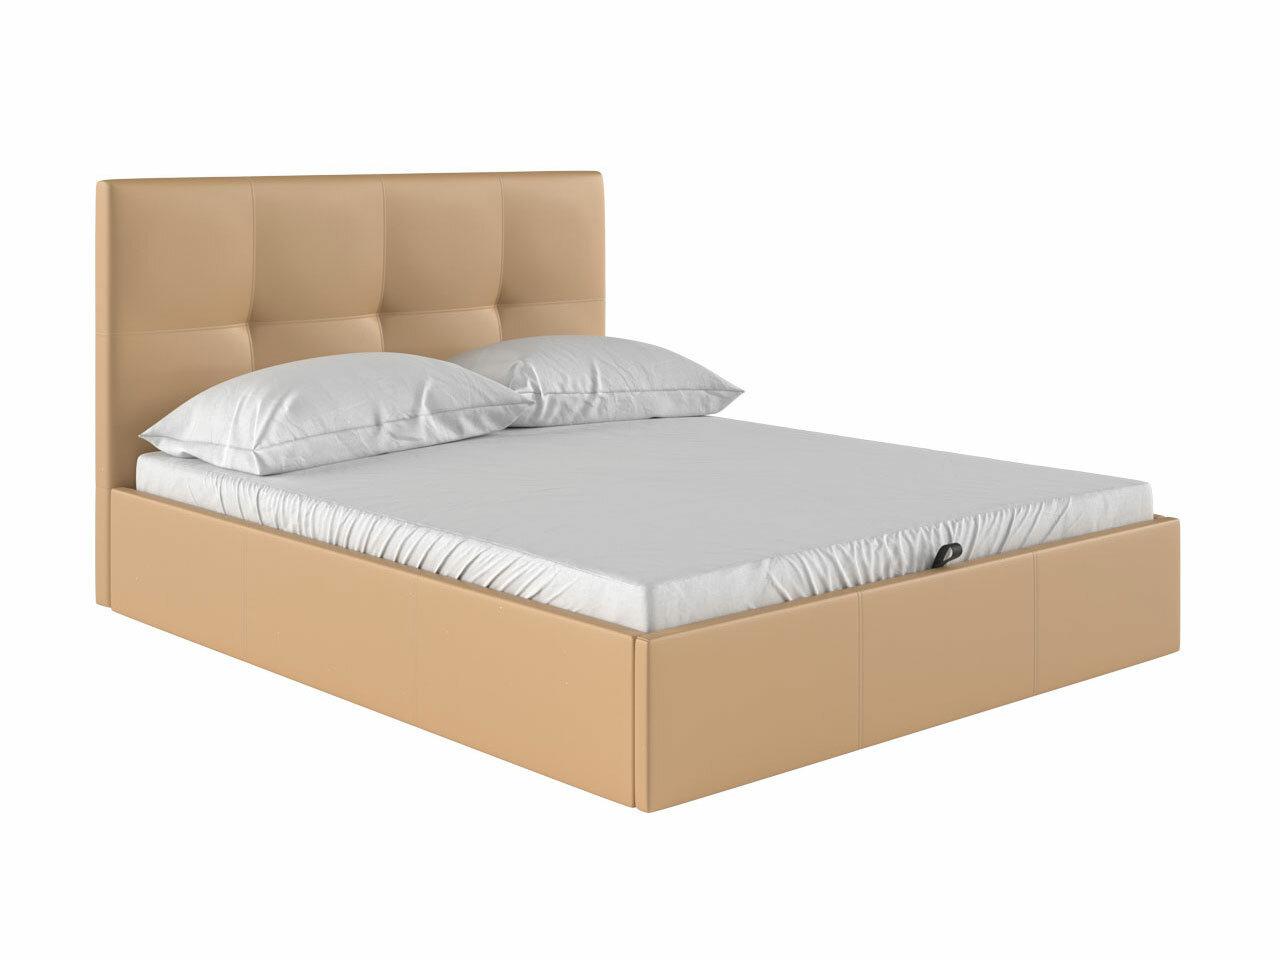 Двуспальная кровать Первый Мебельный Верда Бежевый ,160х200 см